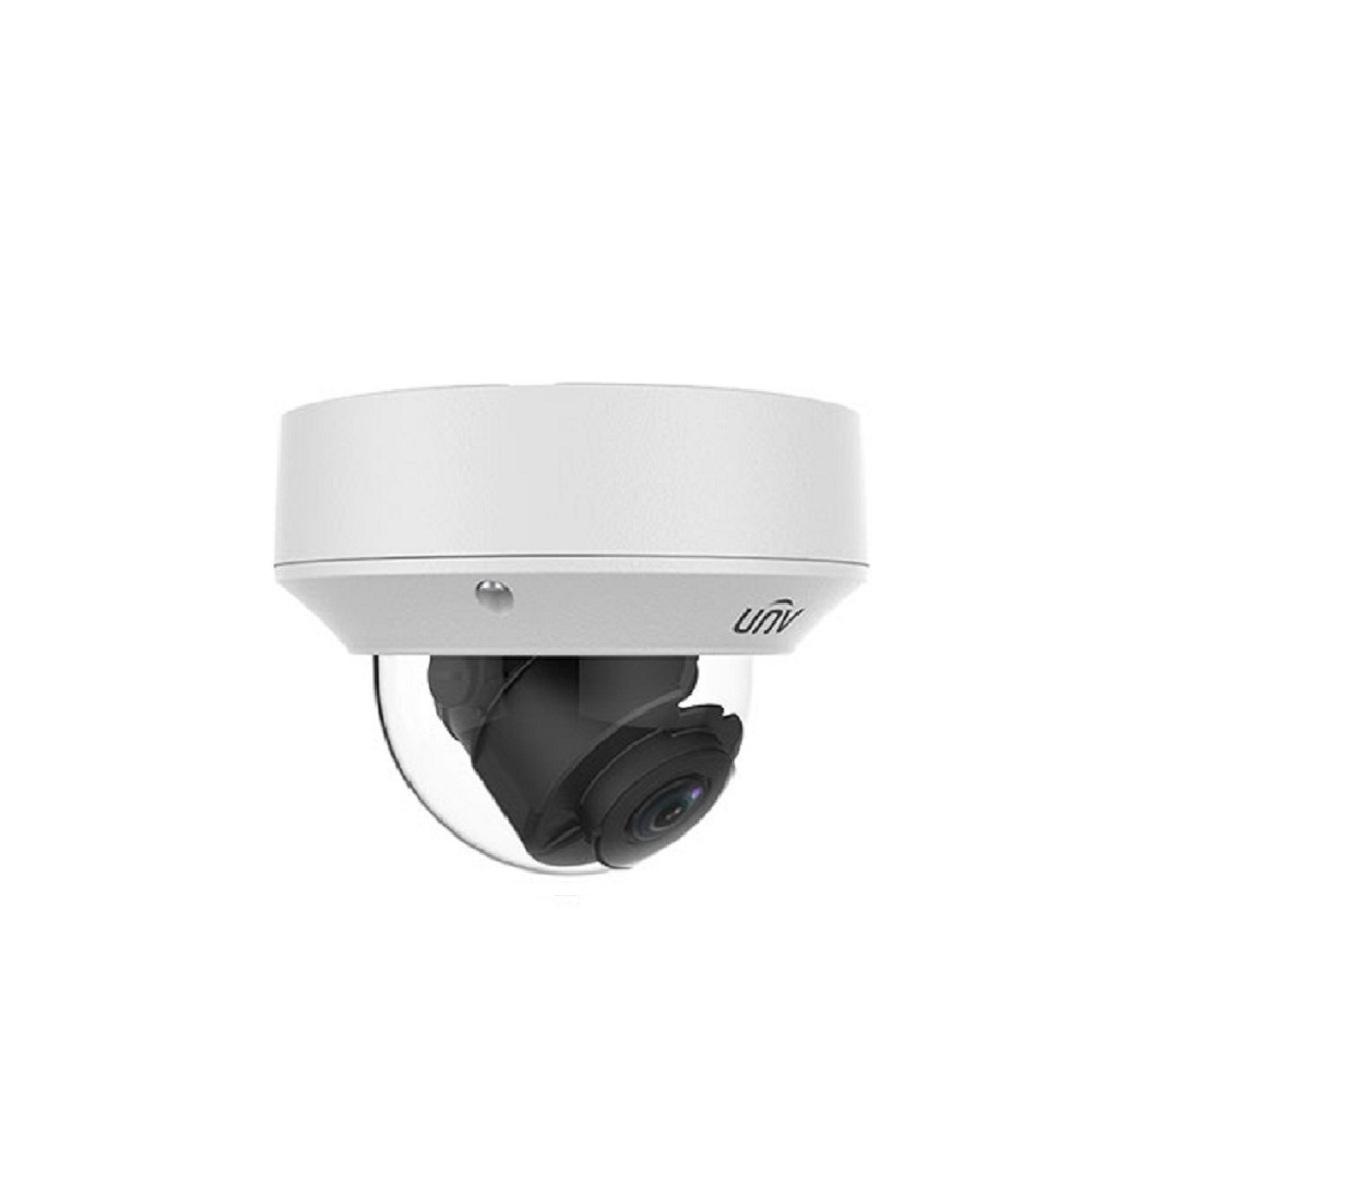 Camera bán cầu hồng ngoại IPC322LR3-VSPF28-C